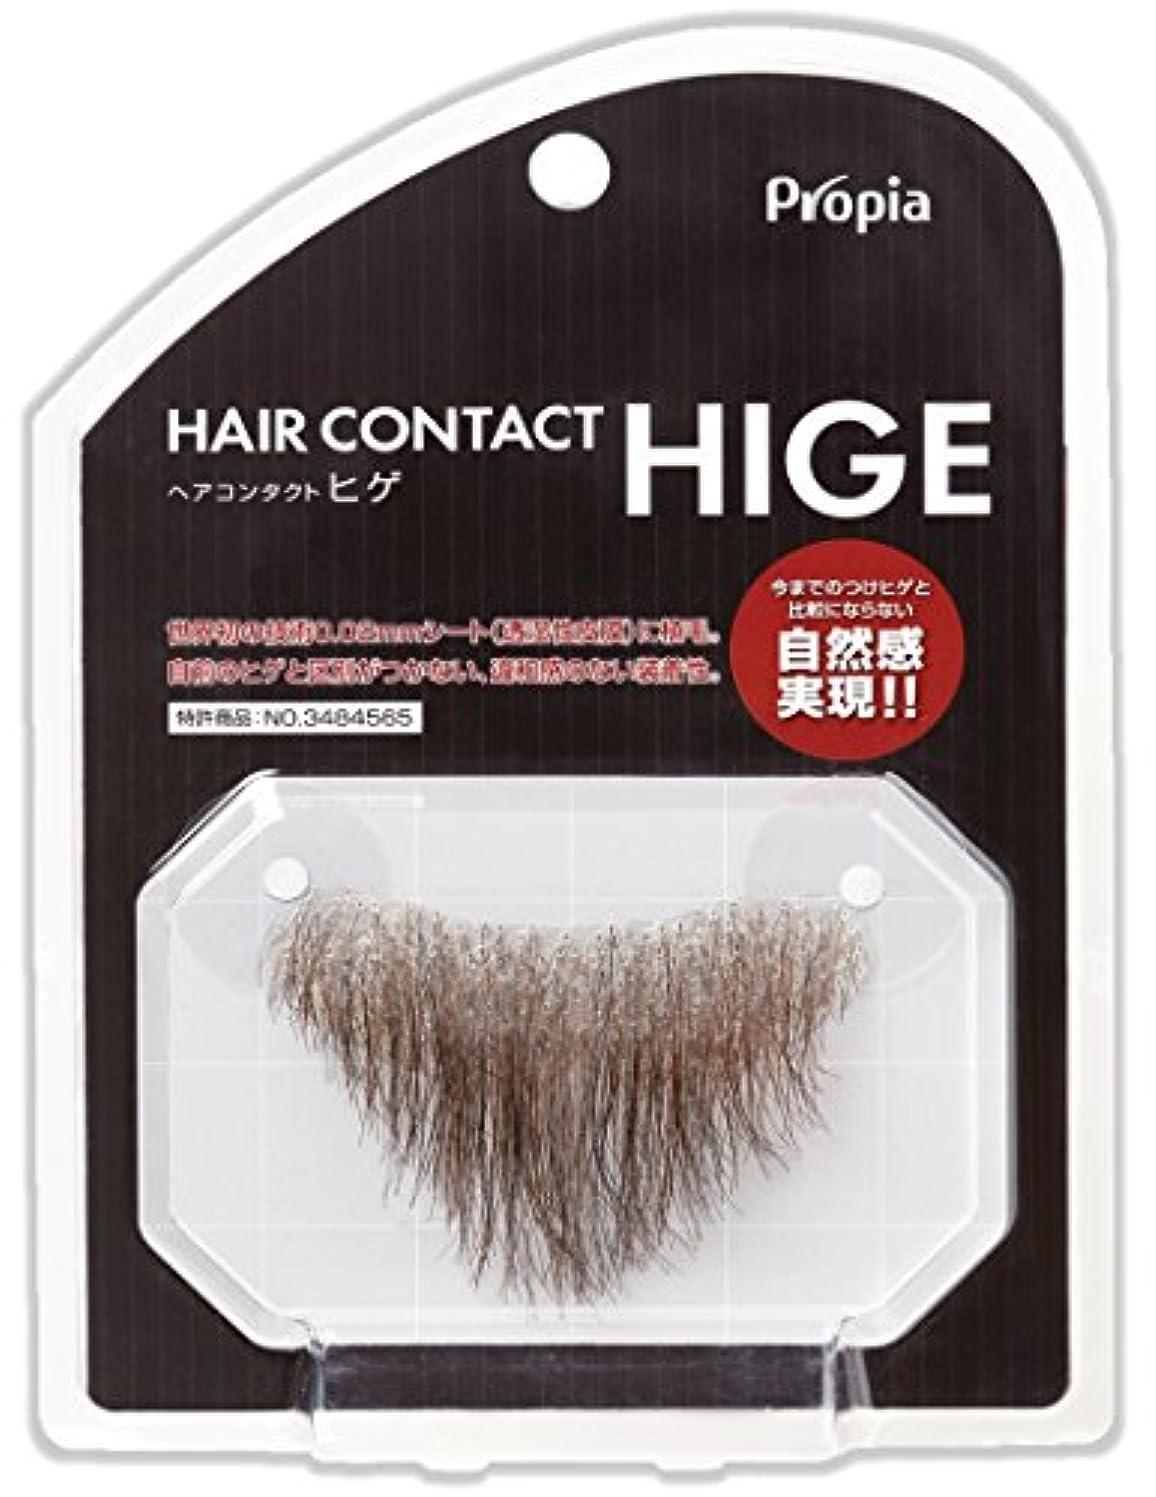 マウスピースペルメル主導権HAIR CONTACT HIGE アゴヒゲ カール